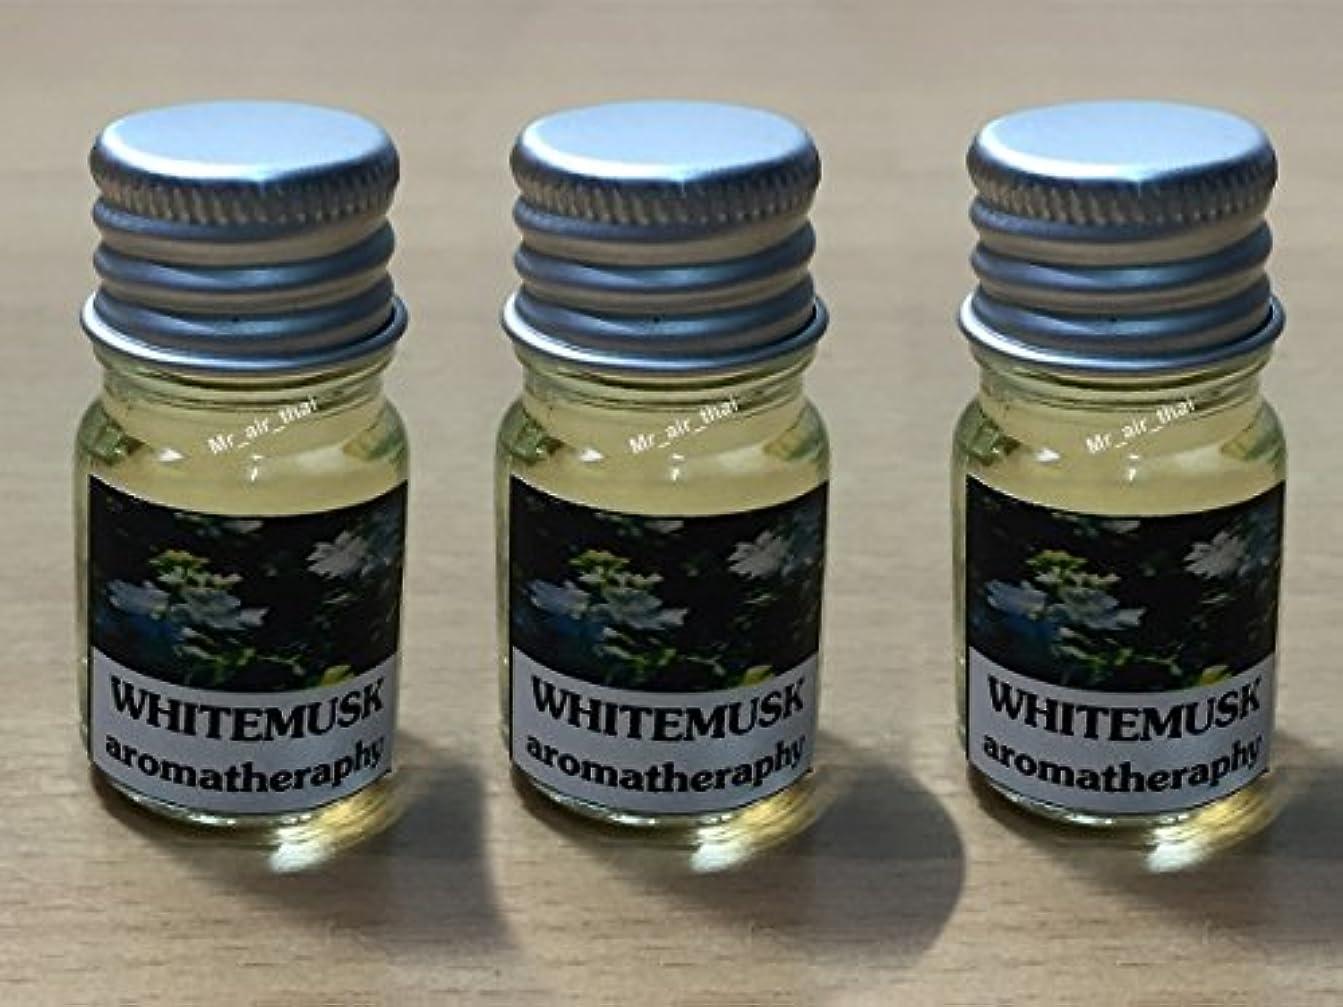 3個セット,5ミリリットルアロマホワイトムスクフランクインセンスエッセンシャルオイルボトルアロマテラピーオイル自然自然 3PC 5ml Aroma Whitemusk Frankincense Essential Oil...